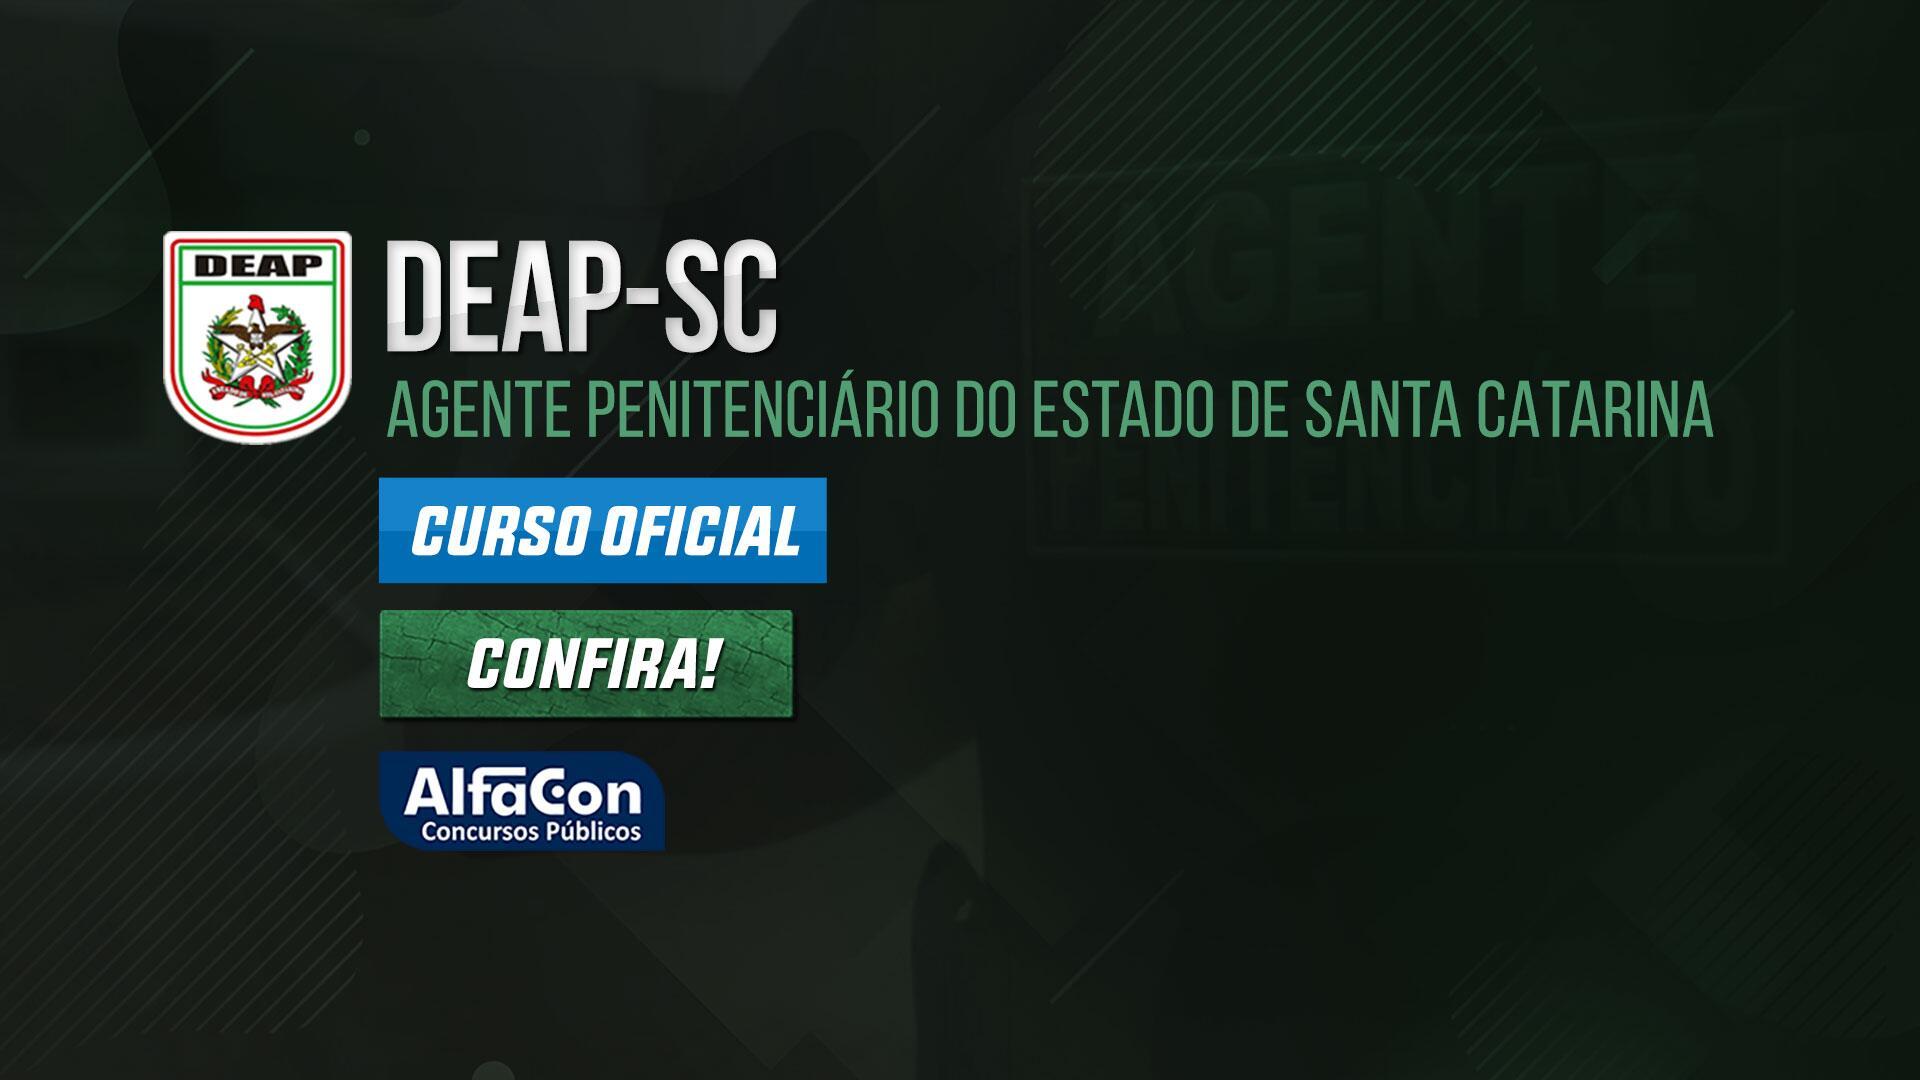 DEAP SC - Agente Penitenciário do Estado de Santa Catarina